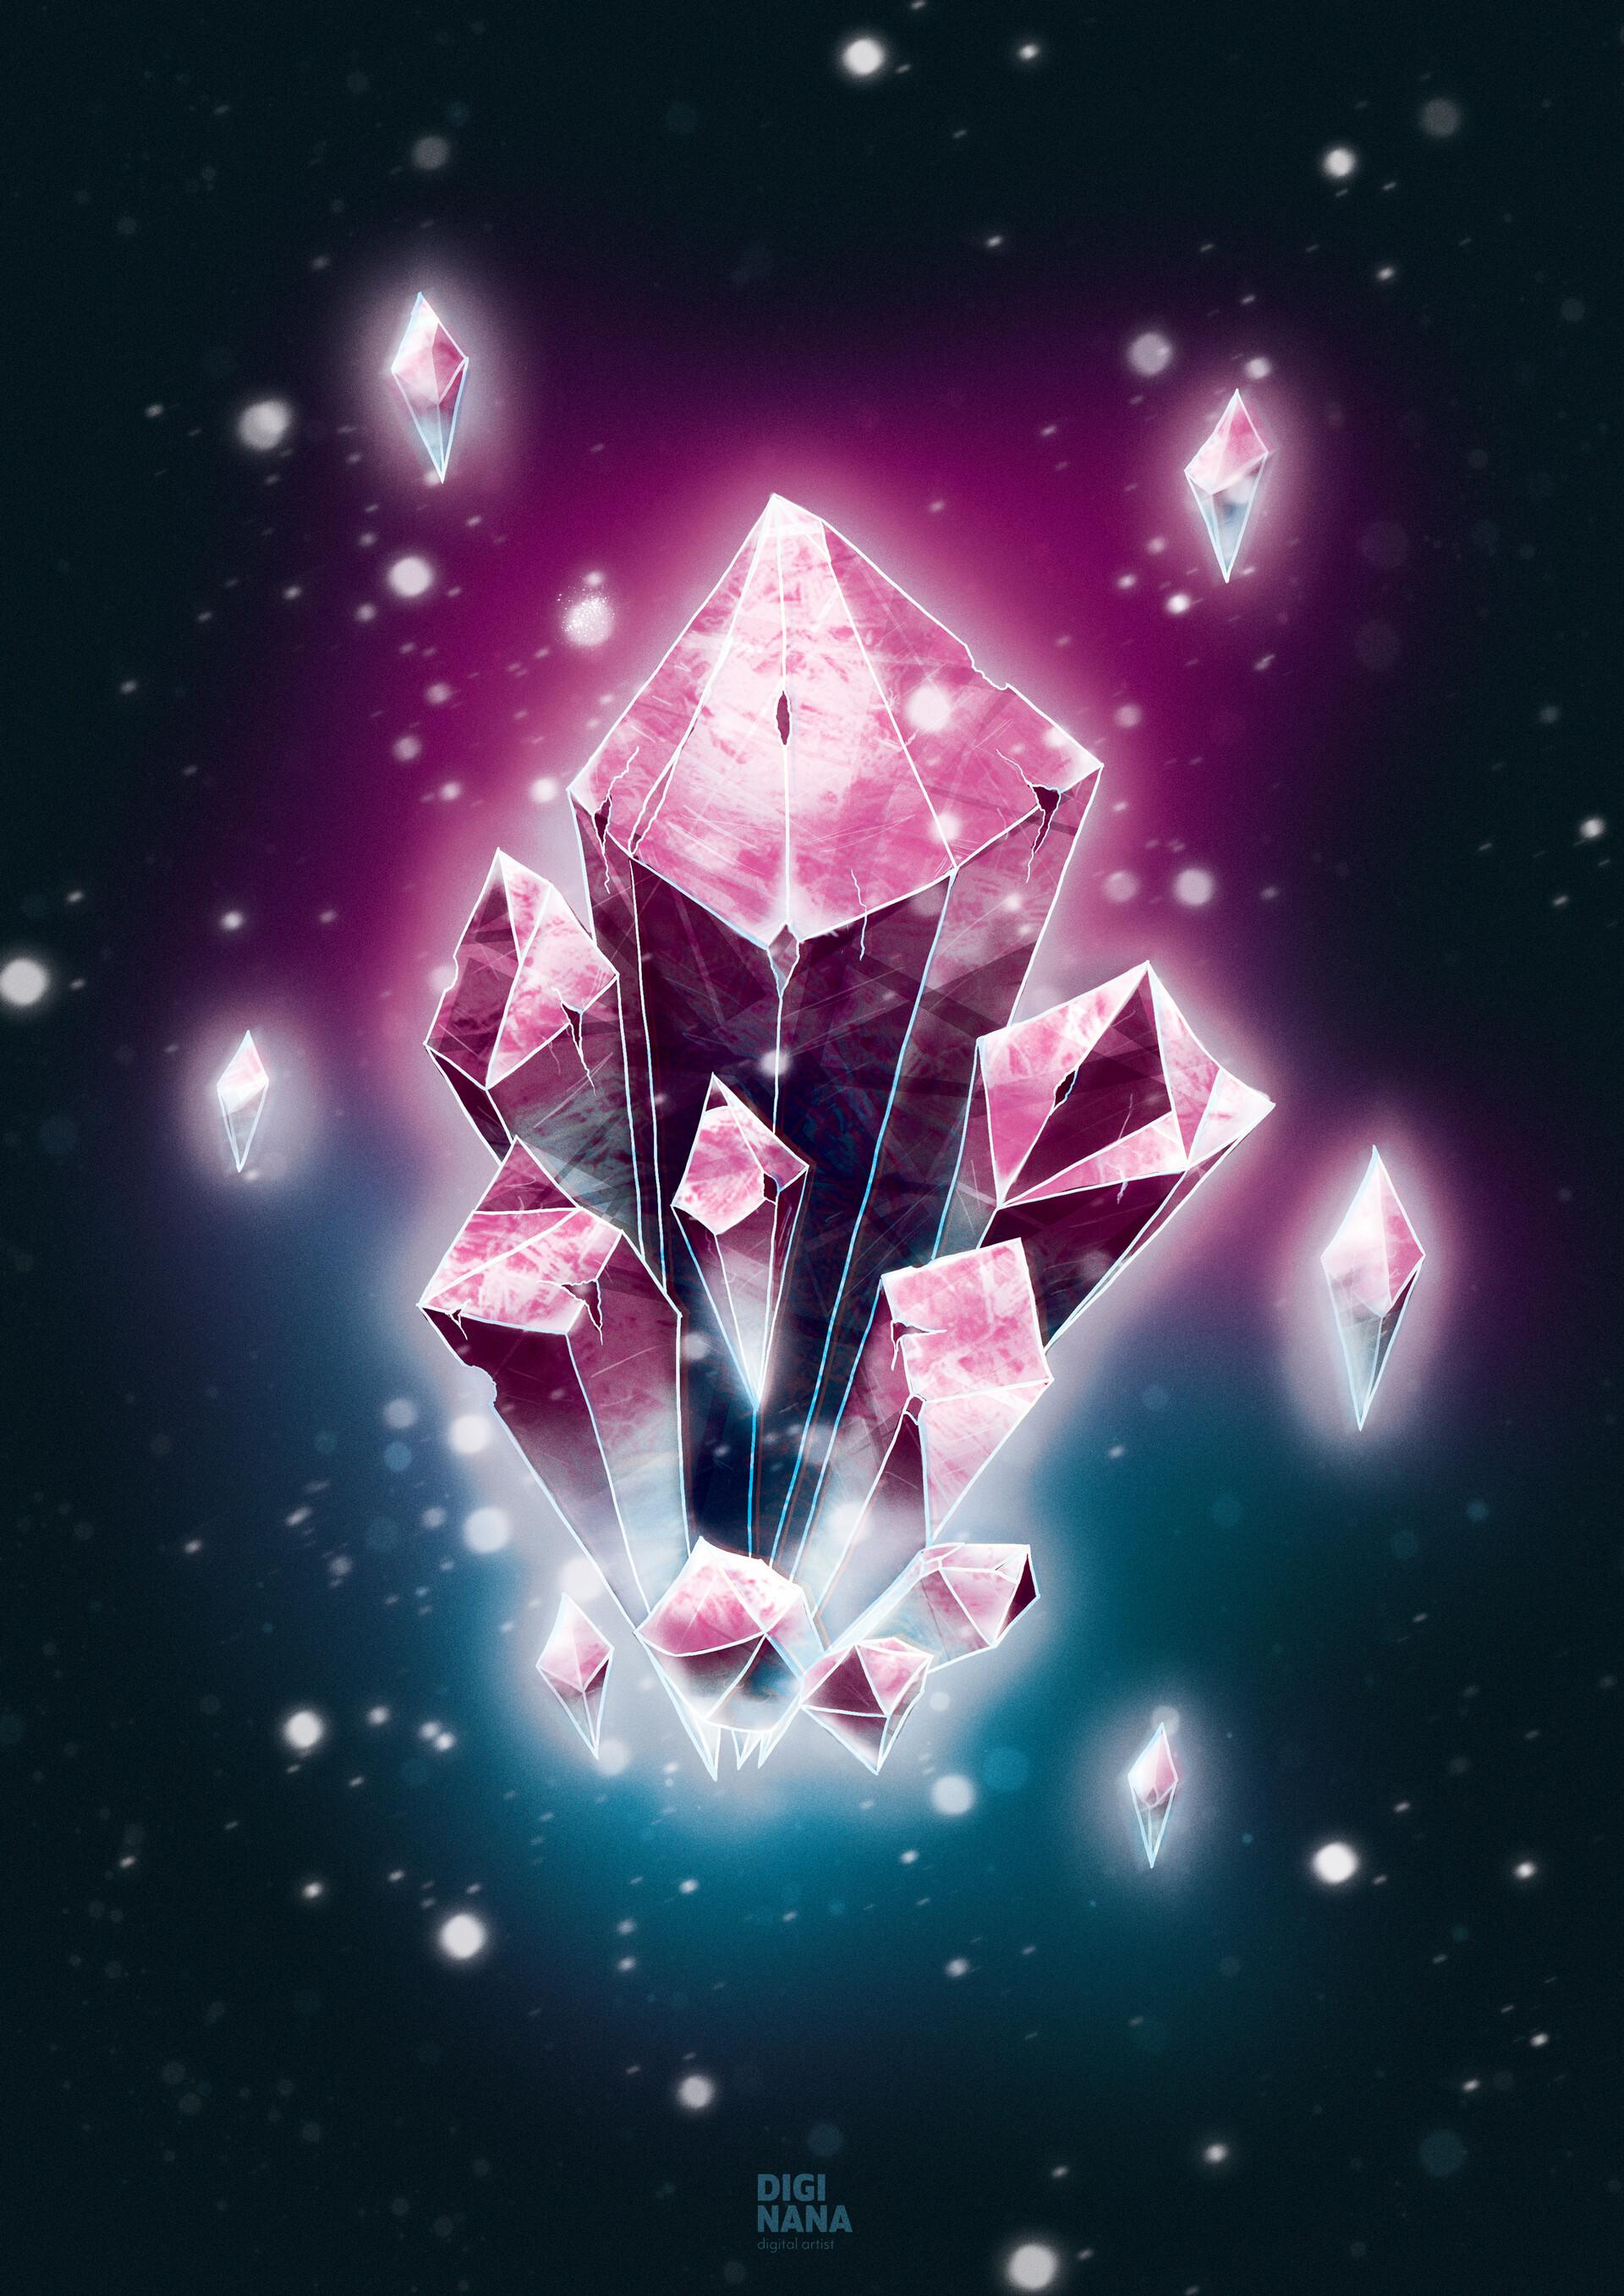 Digi nana crystals s